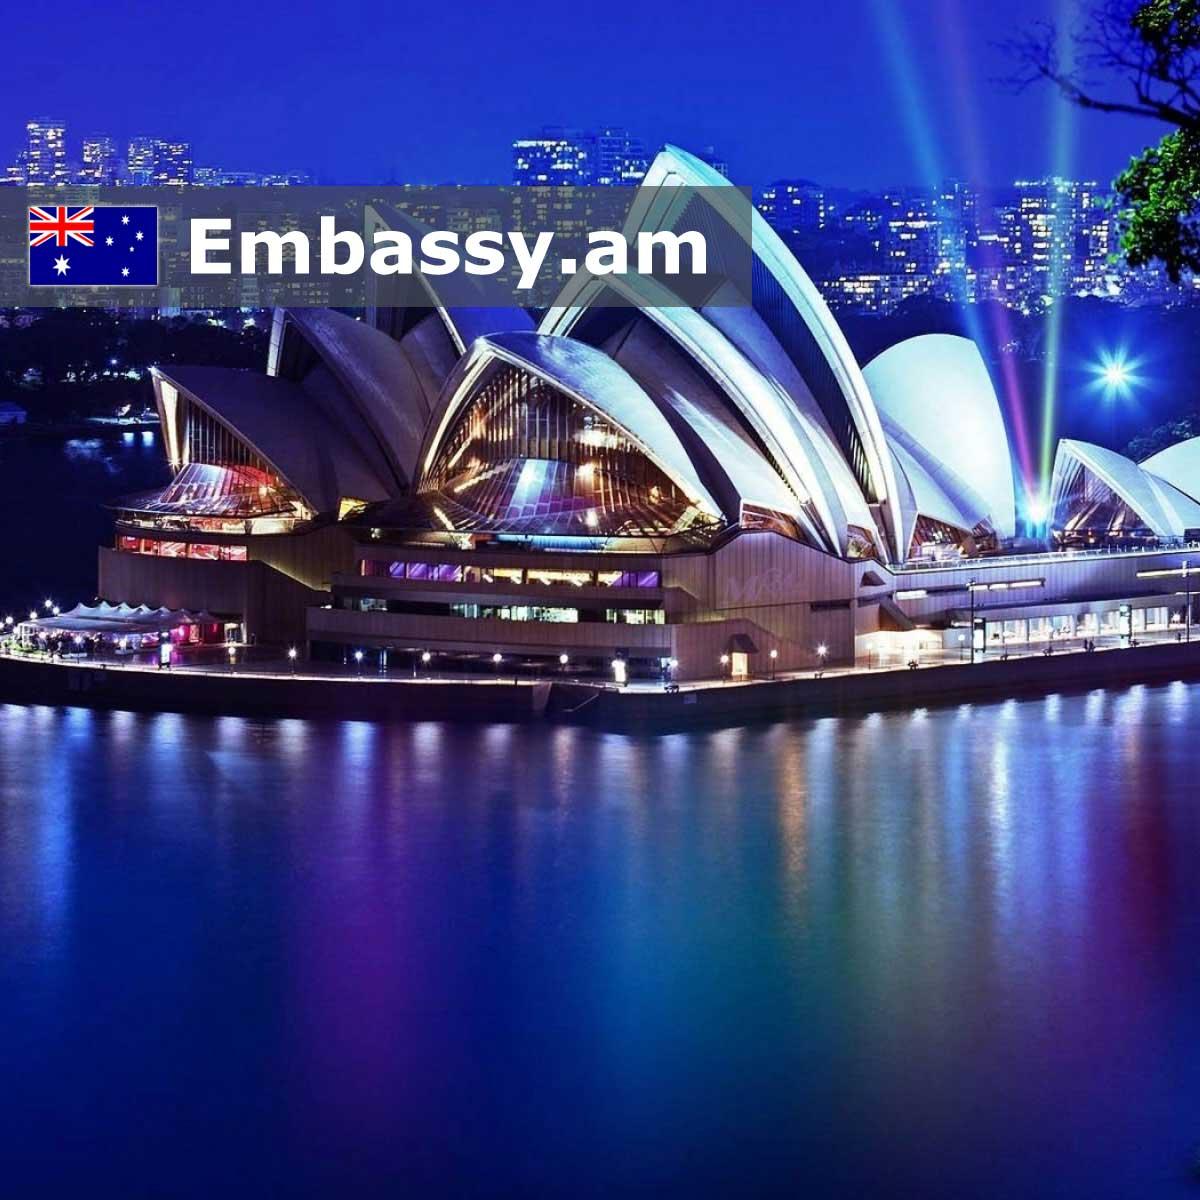 Отели в Австралии - Embassy.am